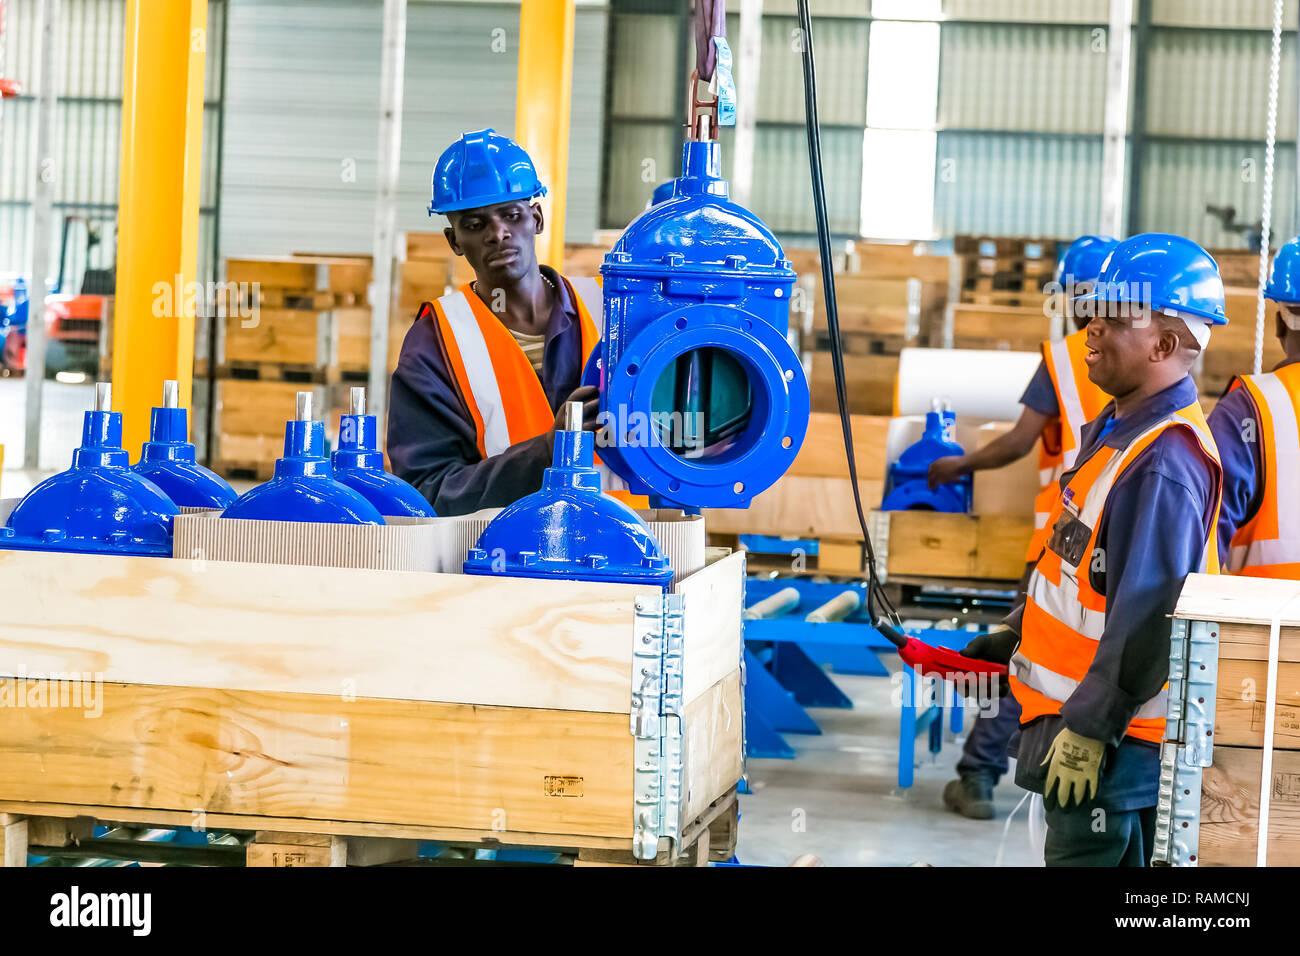 Johannesburgo, Sudáfrica, 7 de septiembre de 2016: válvula industrial de fabricación y montaje de instalaciones de fábrica Foto de stock